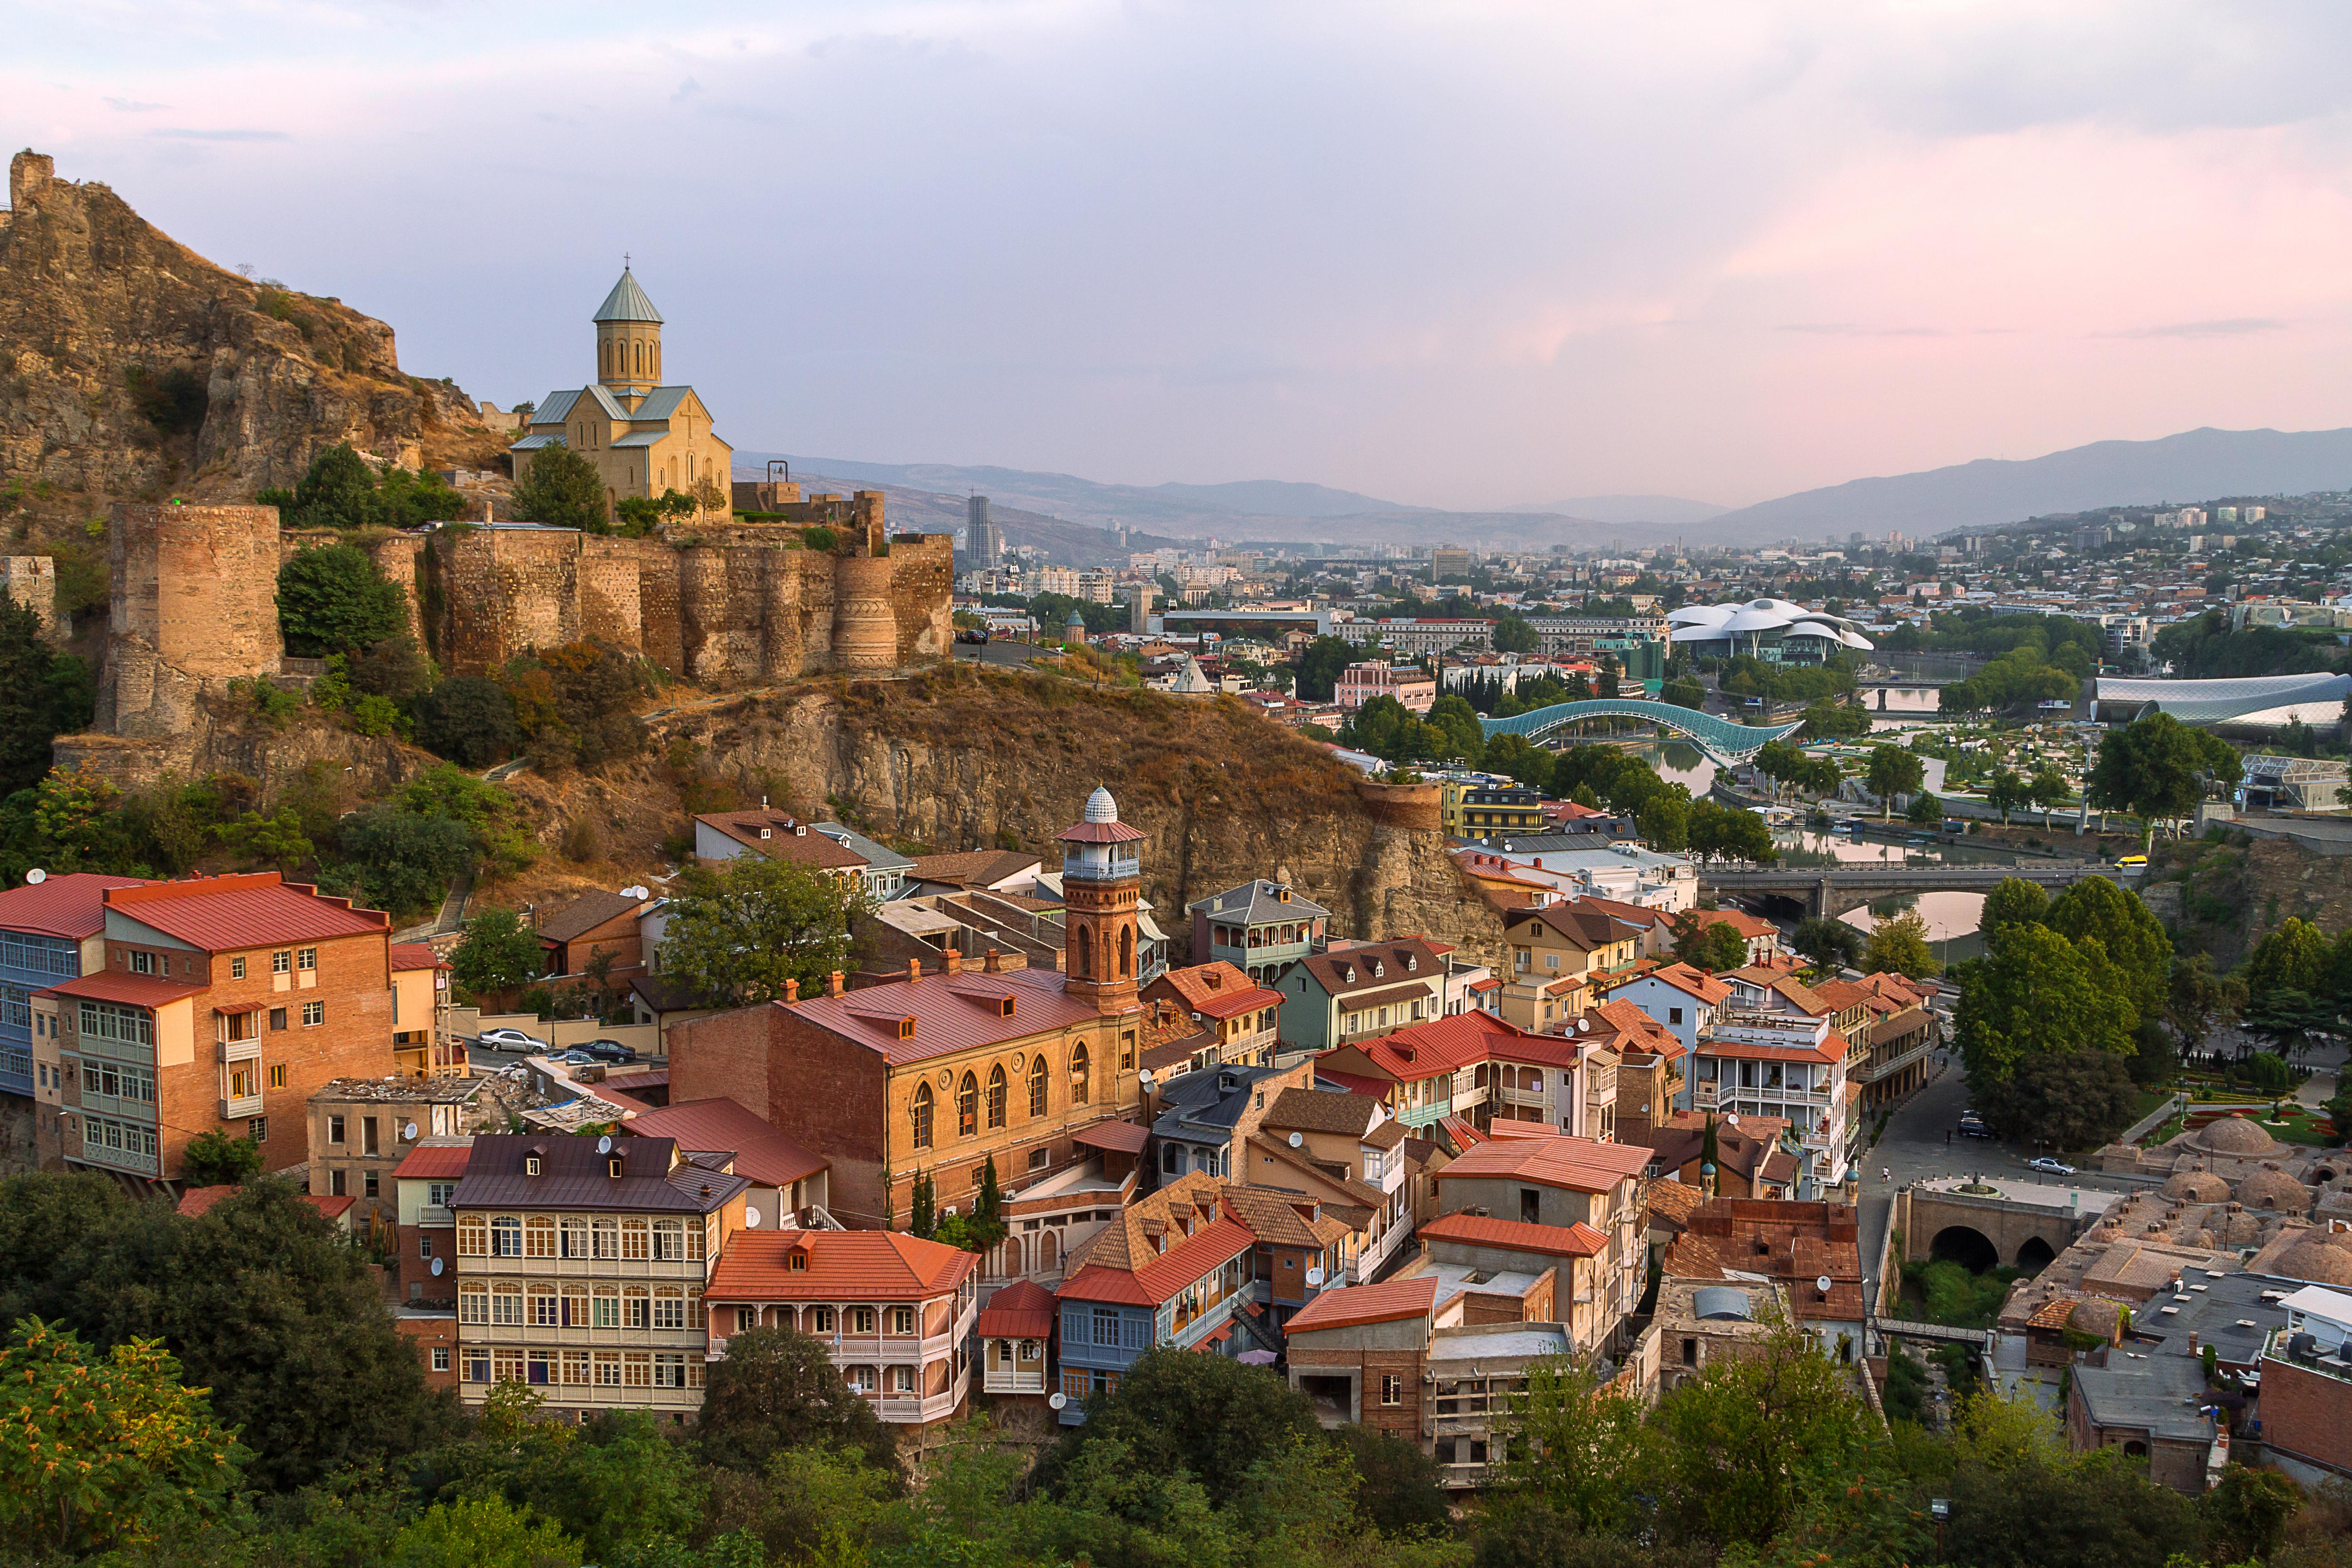 Тбилиси, столица Грузии, где иностранцы могут купить недвижимость